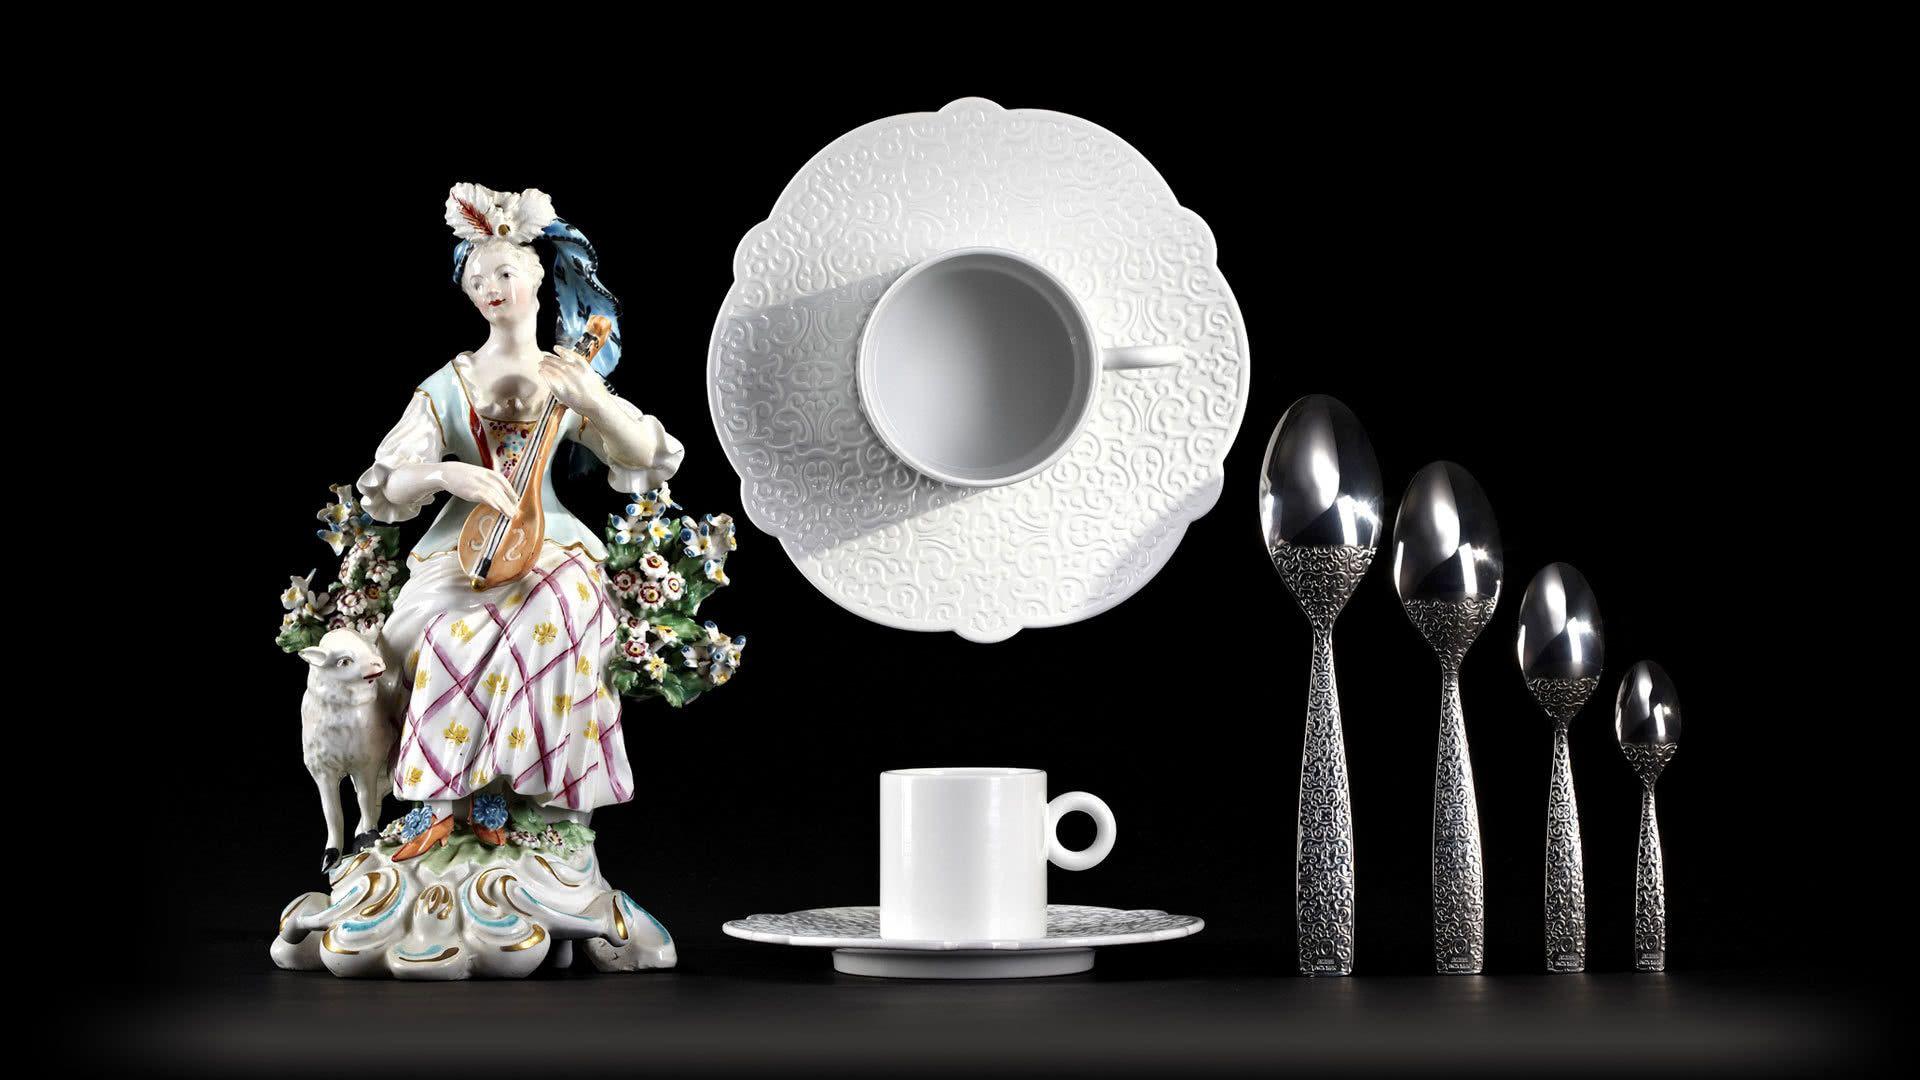 Spencer Leather Porcelain